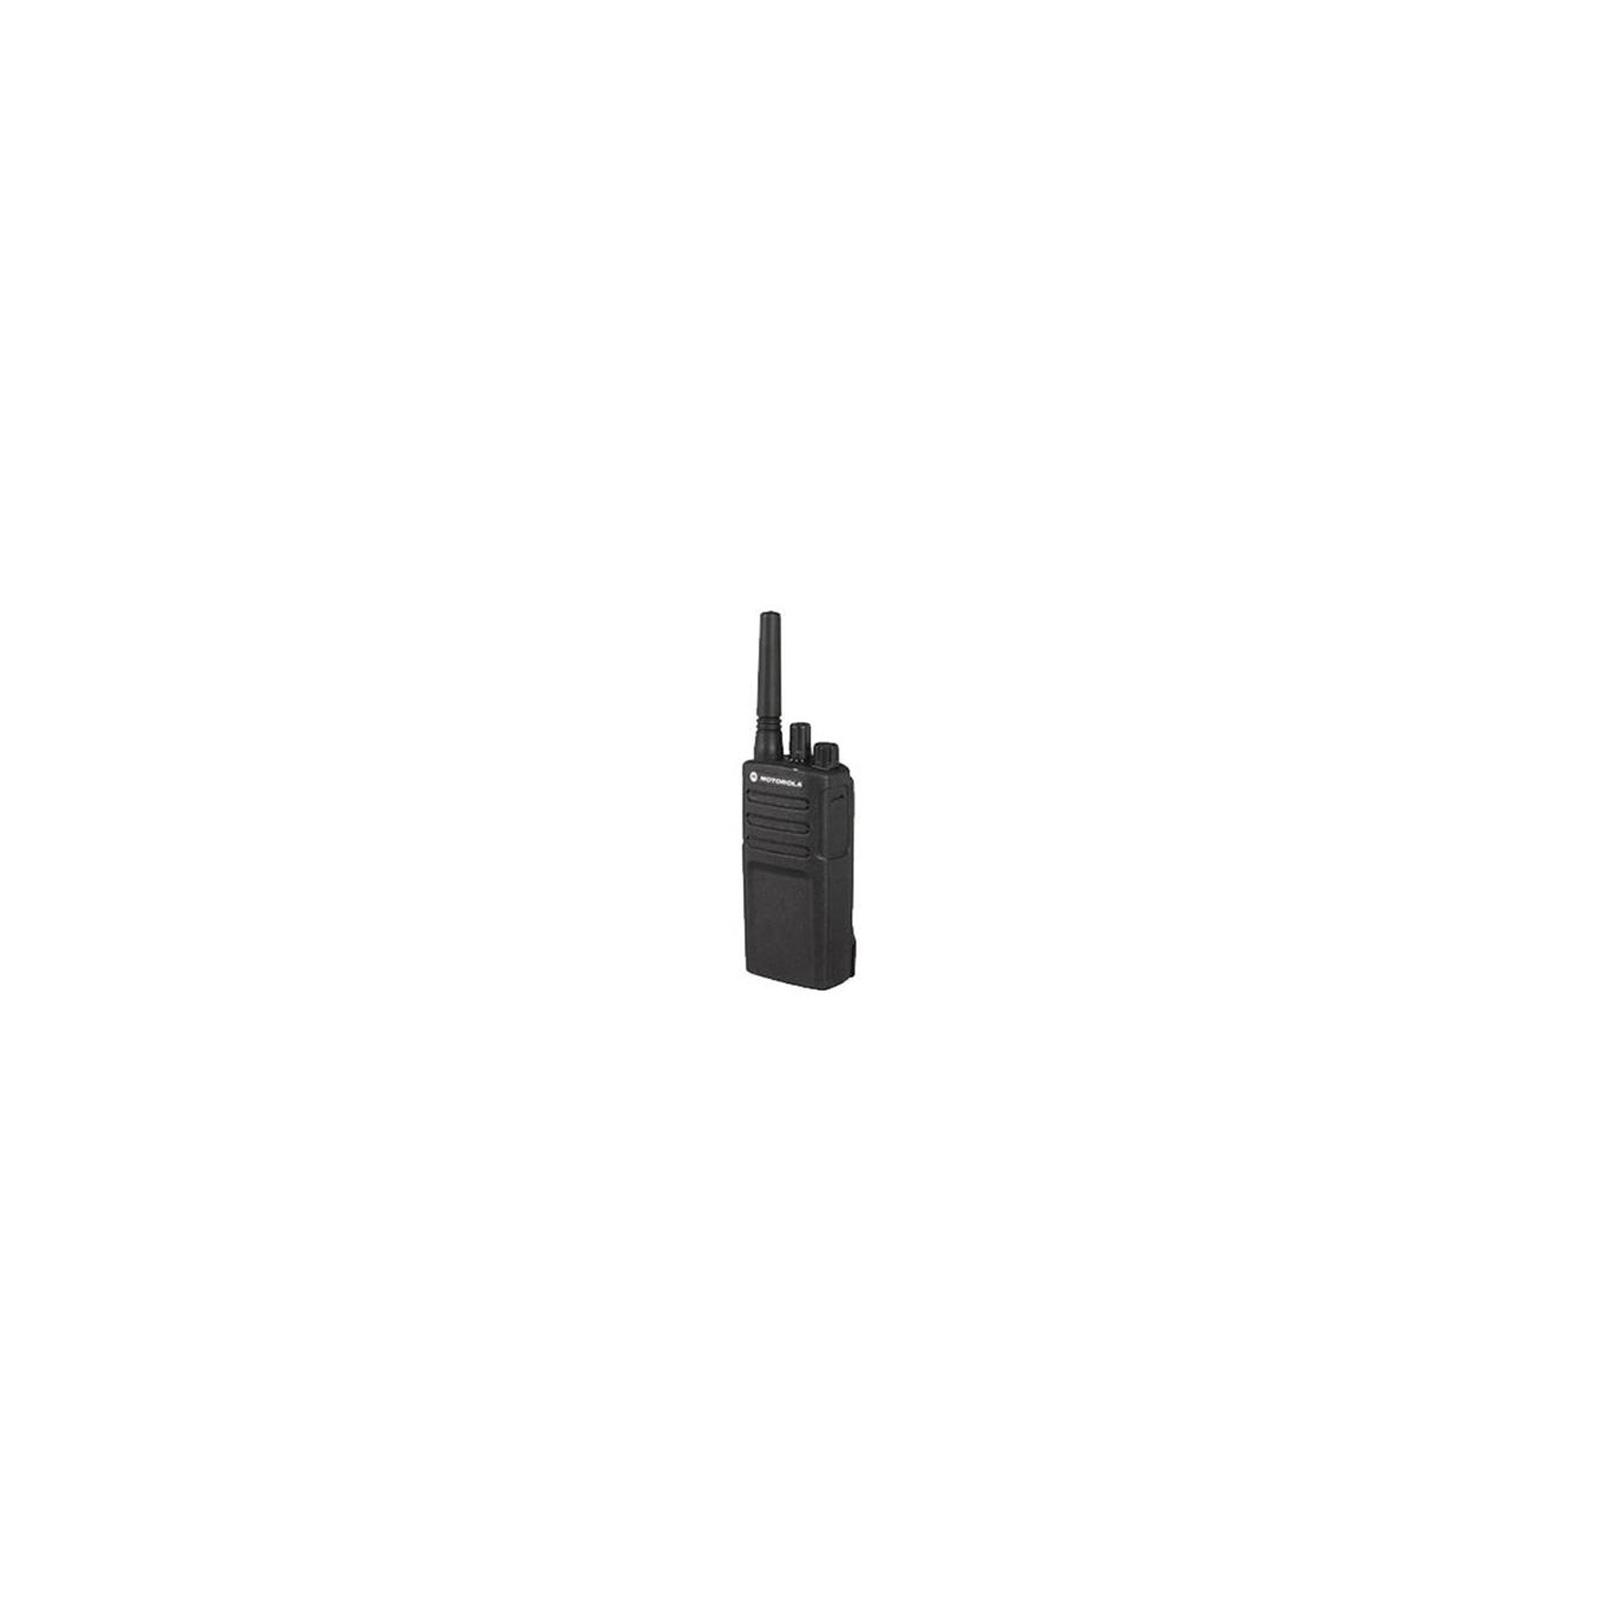 Портативная рация Motorola XT420 NON-DISPLAY